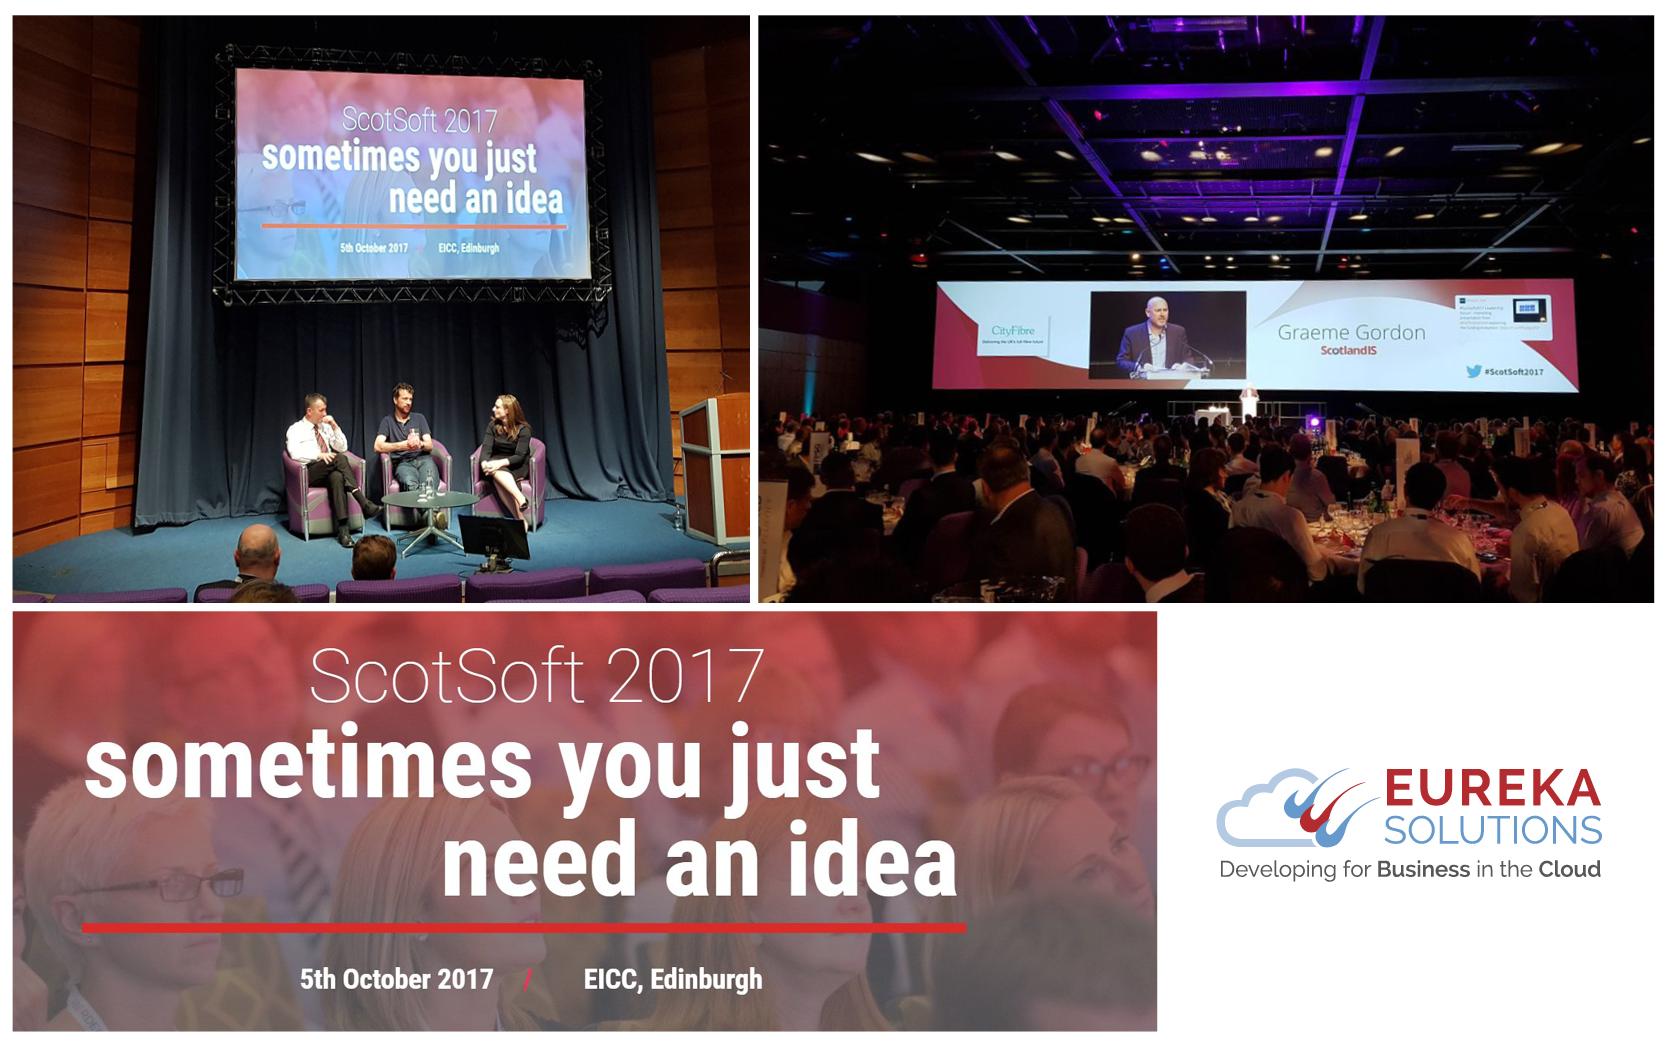 ScotSoft 2017